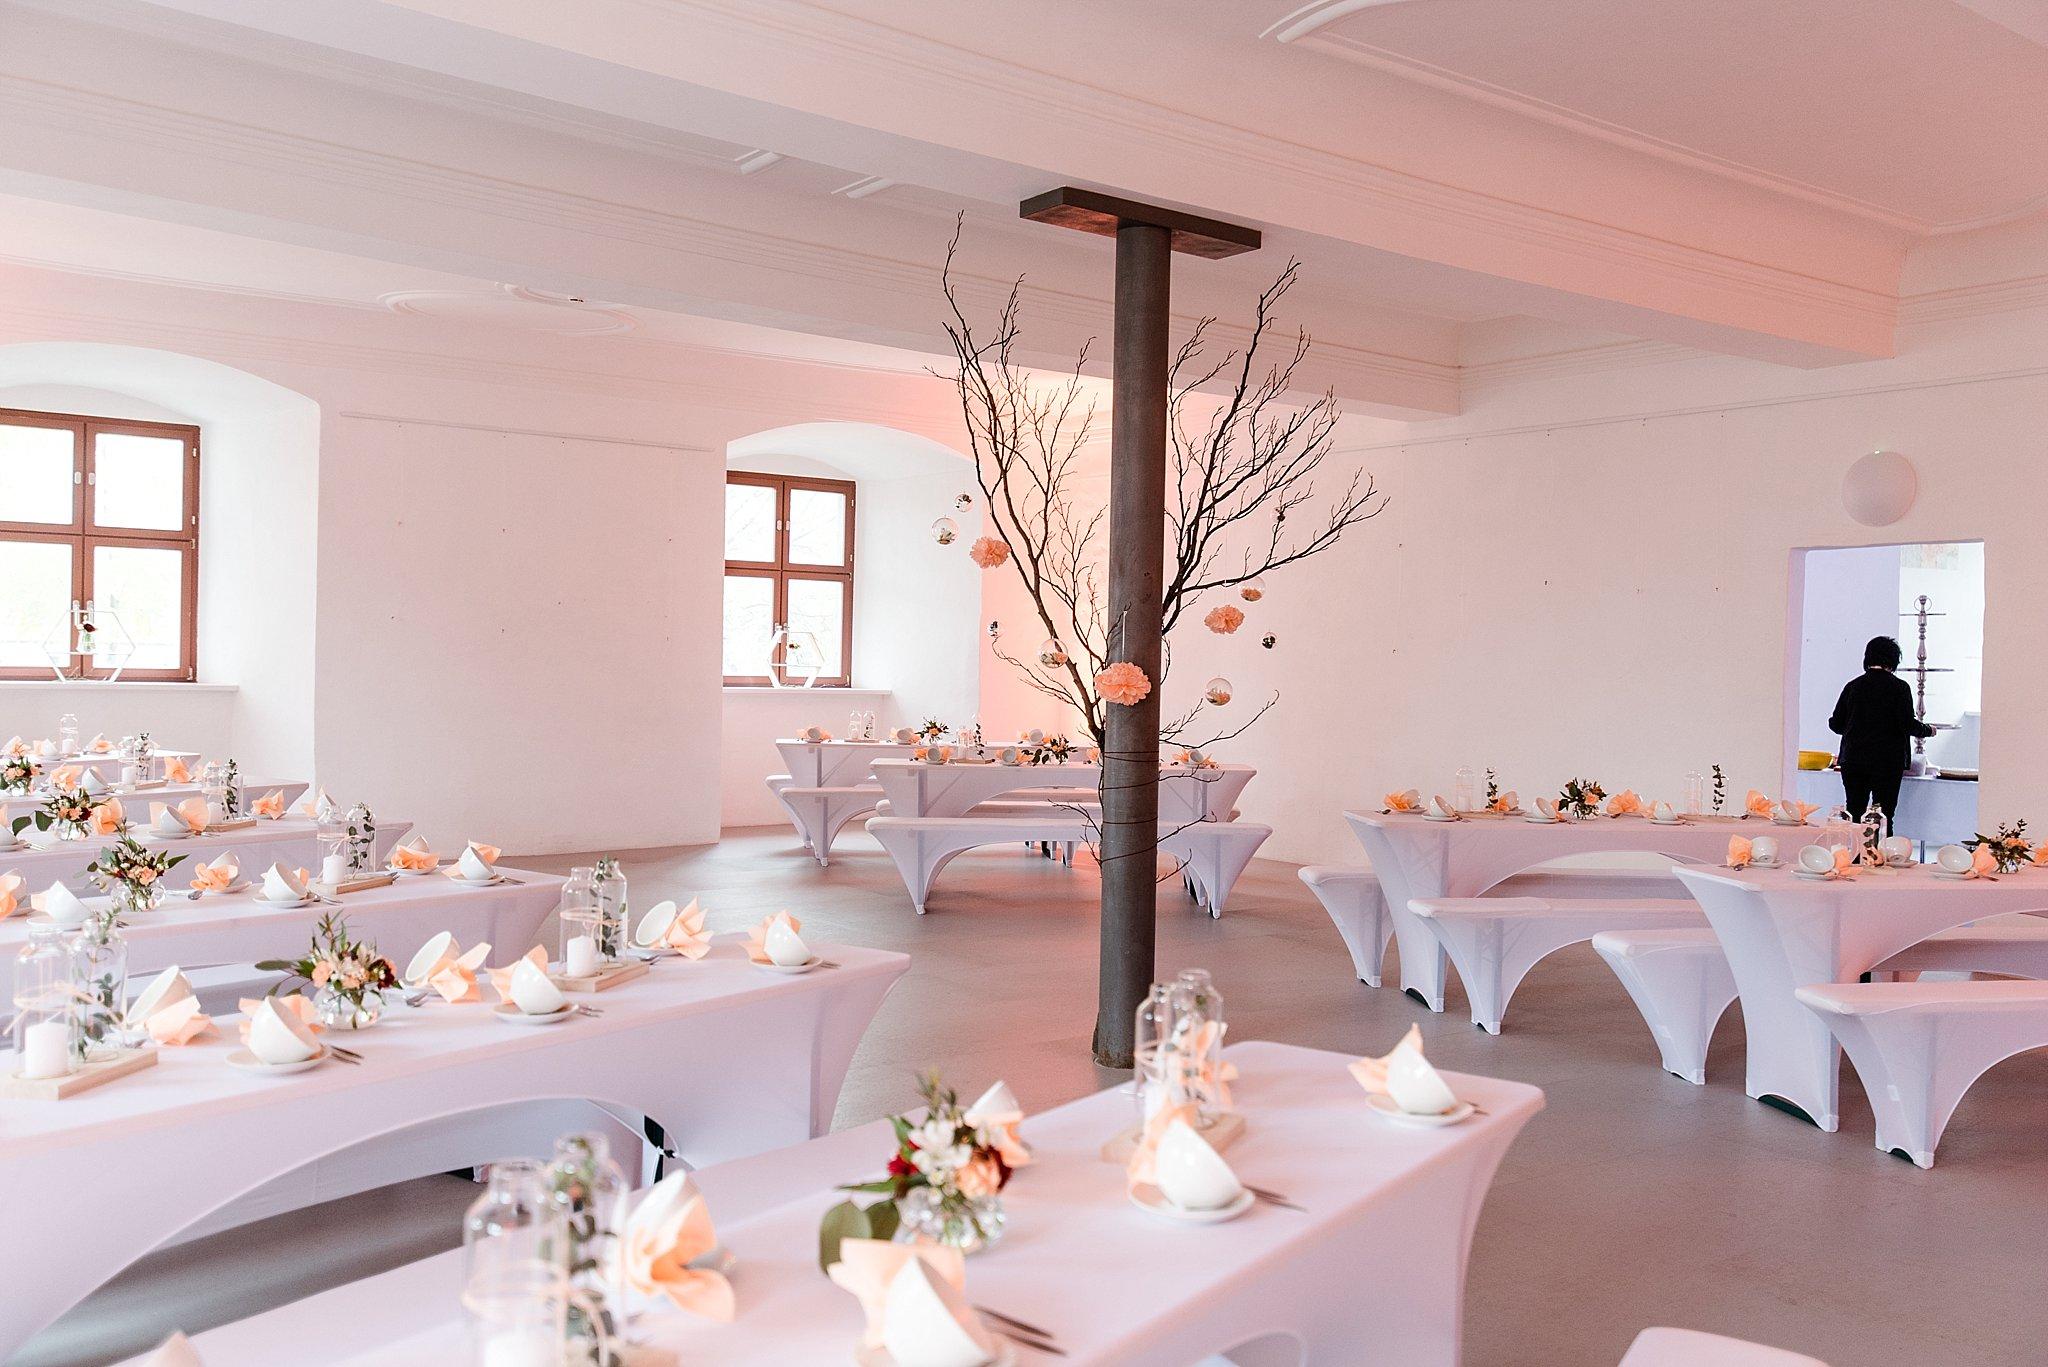 Hochzeit-von-Marina-Dominik-auf-Burg-Wernberg-und-Schloss-Friedrichsburg-00094